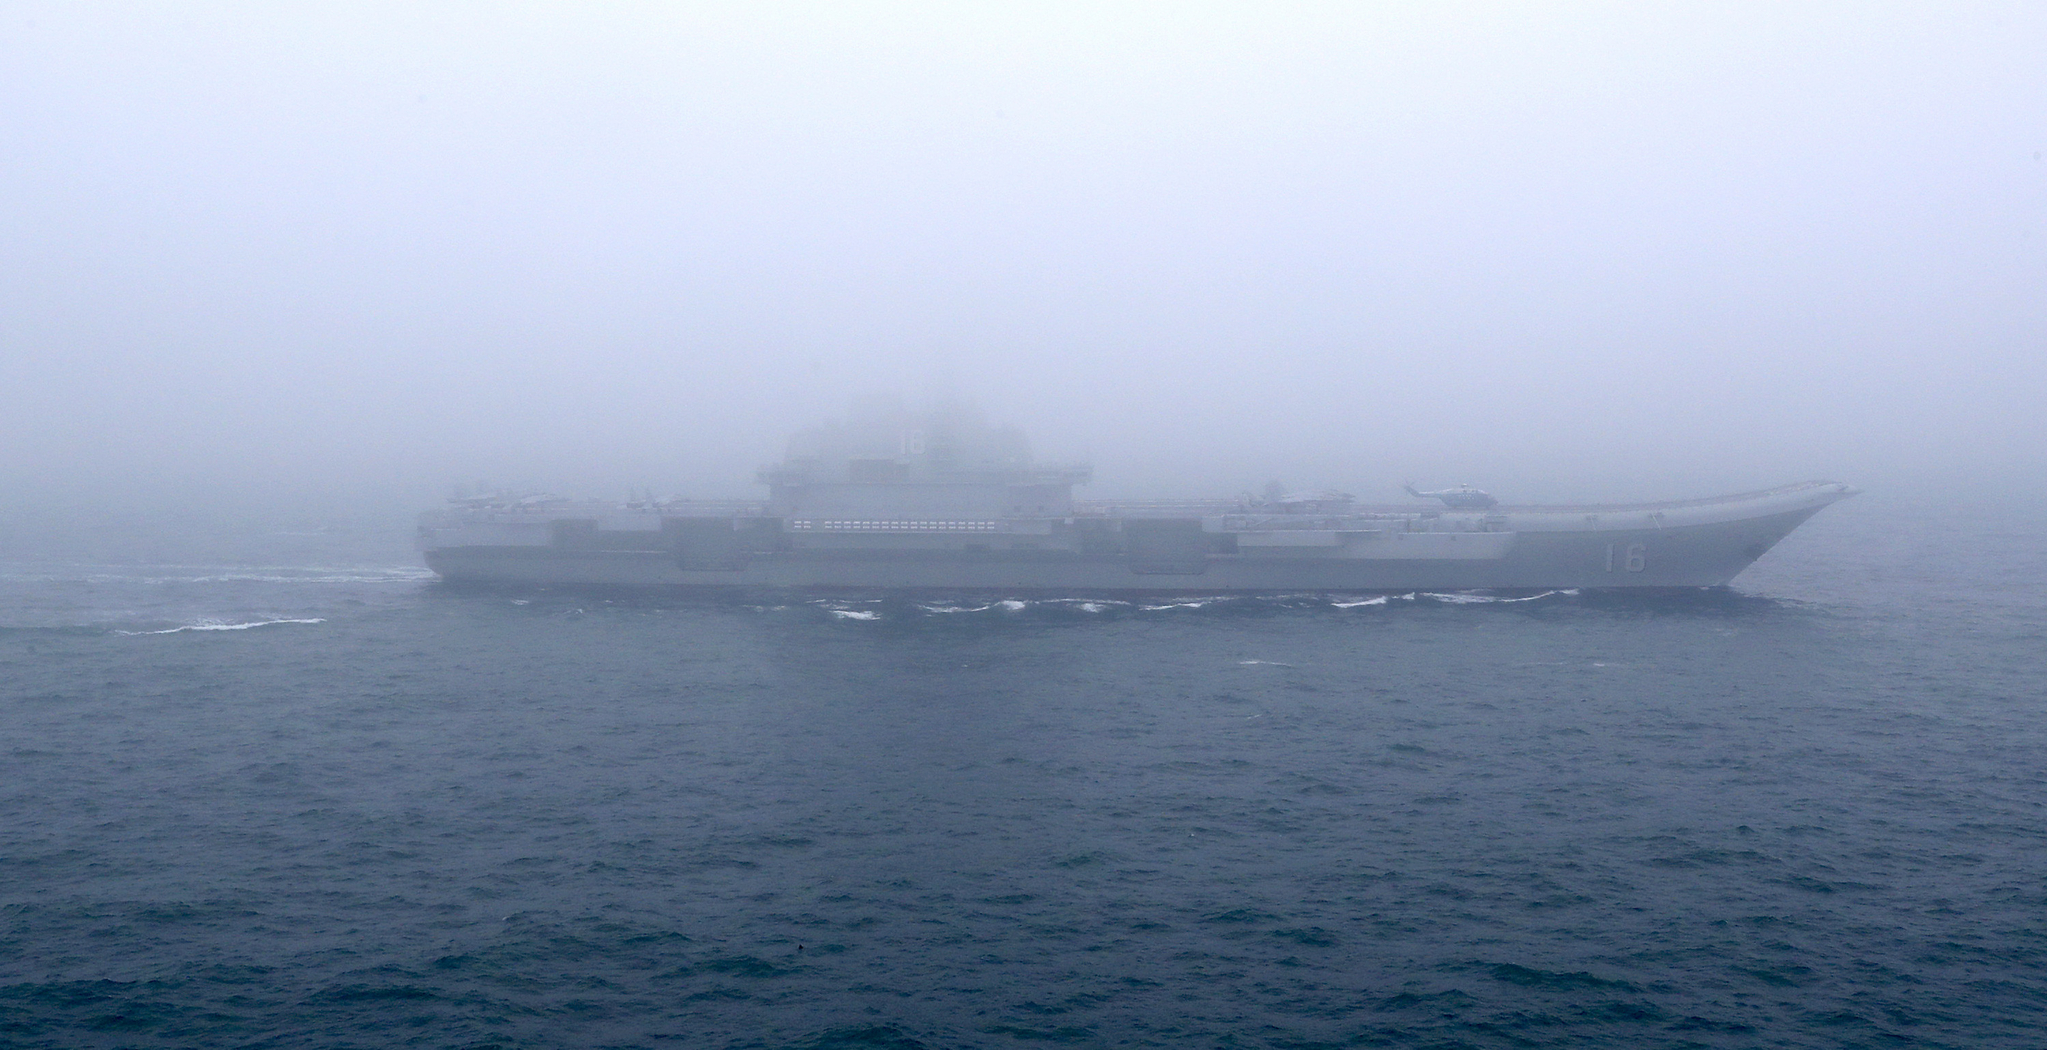 해상열병식에 참가한 중국 최초의 항모 랴오닝함이 바다를 가르지르고 있다. [신화=연합뉴스]